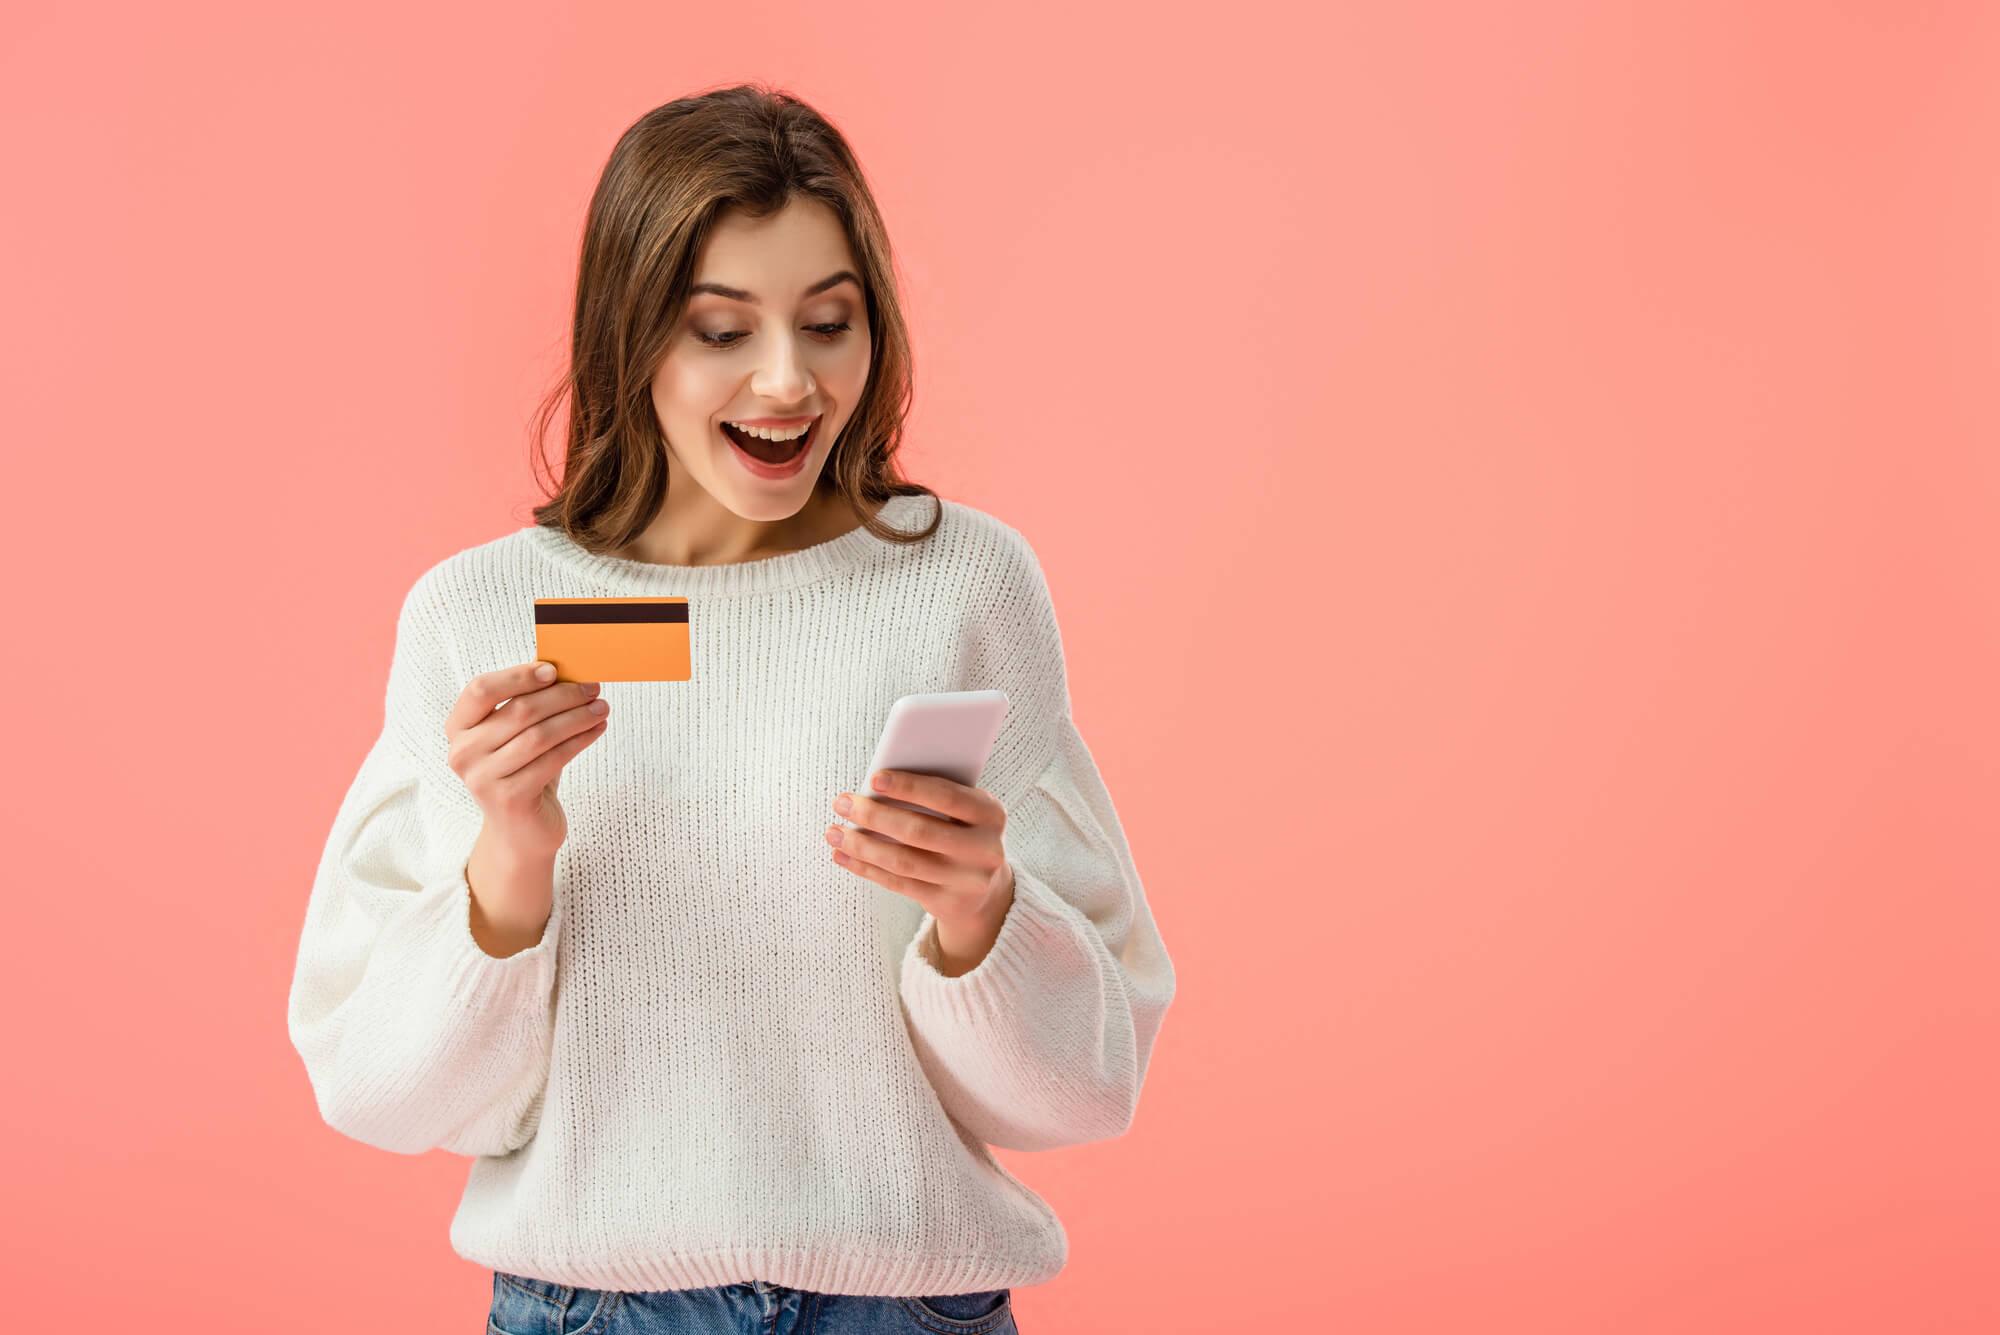 плата кредита через интернет (онлайн)